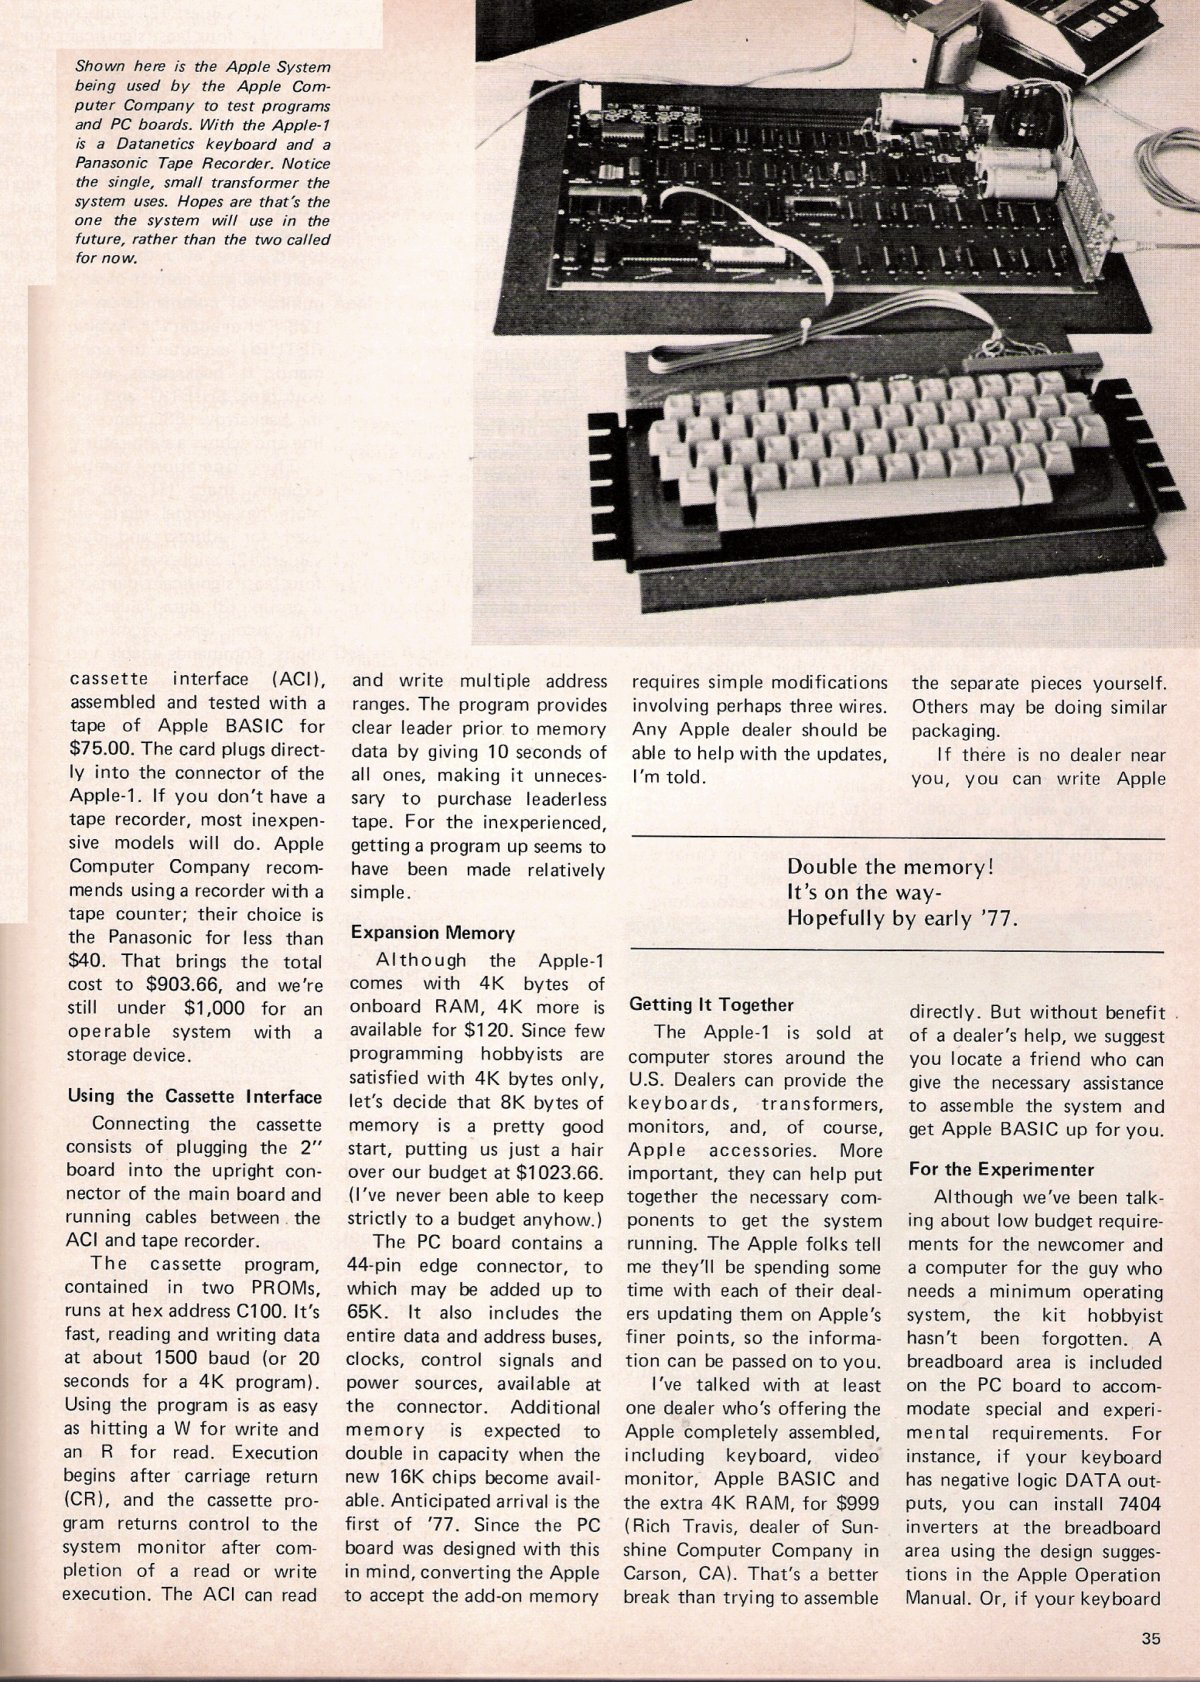 Primul articol despre Apple intr-un ziar 1